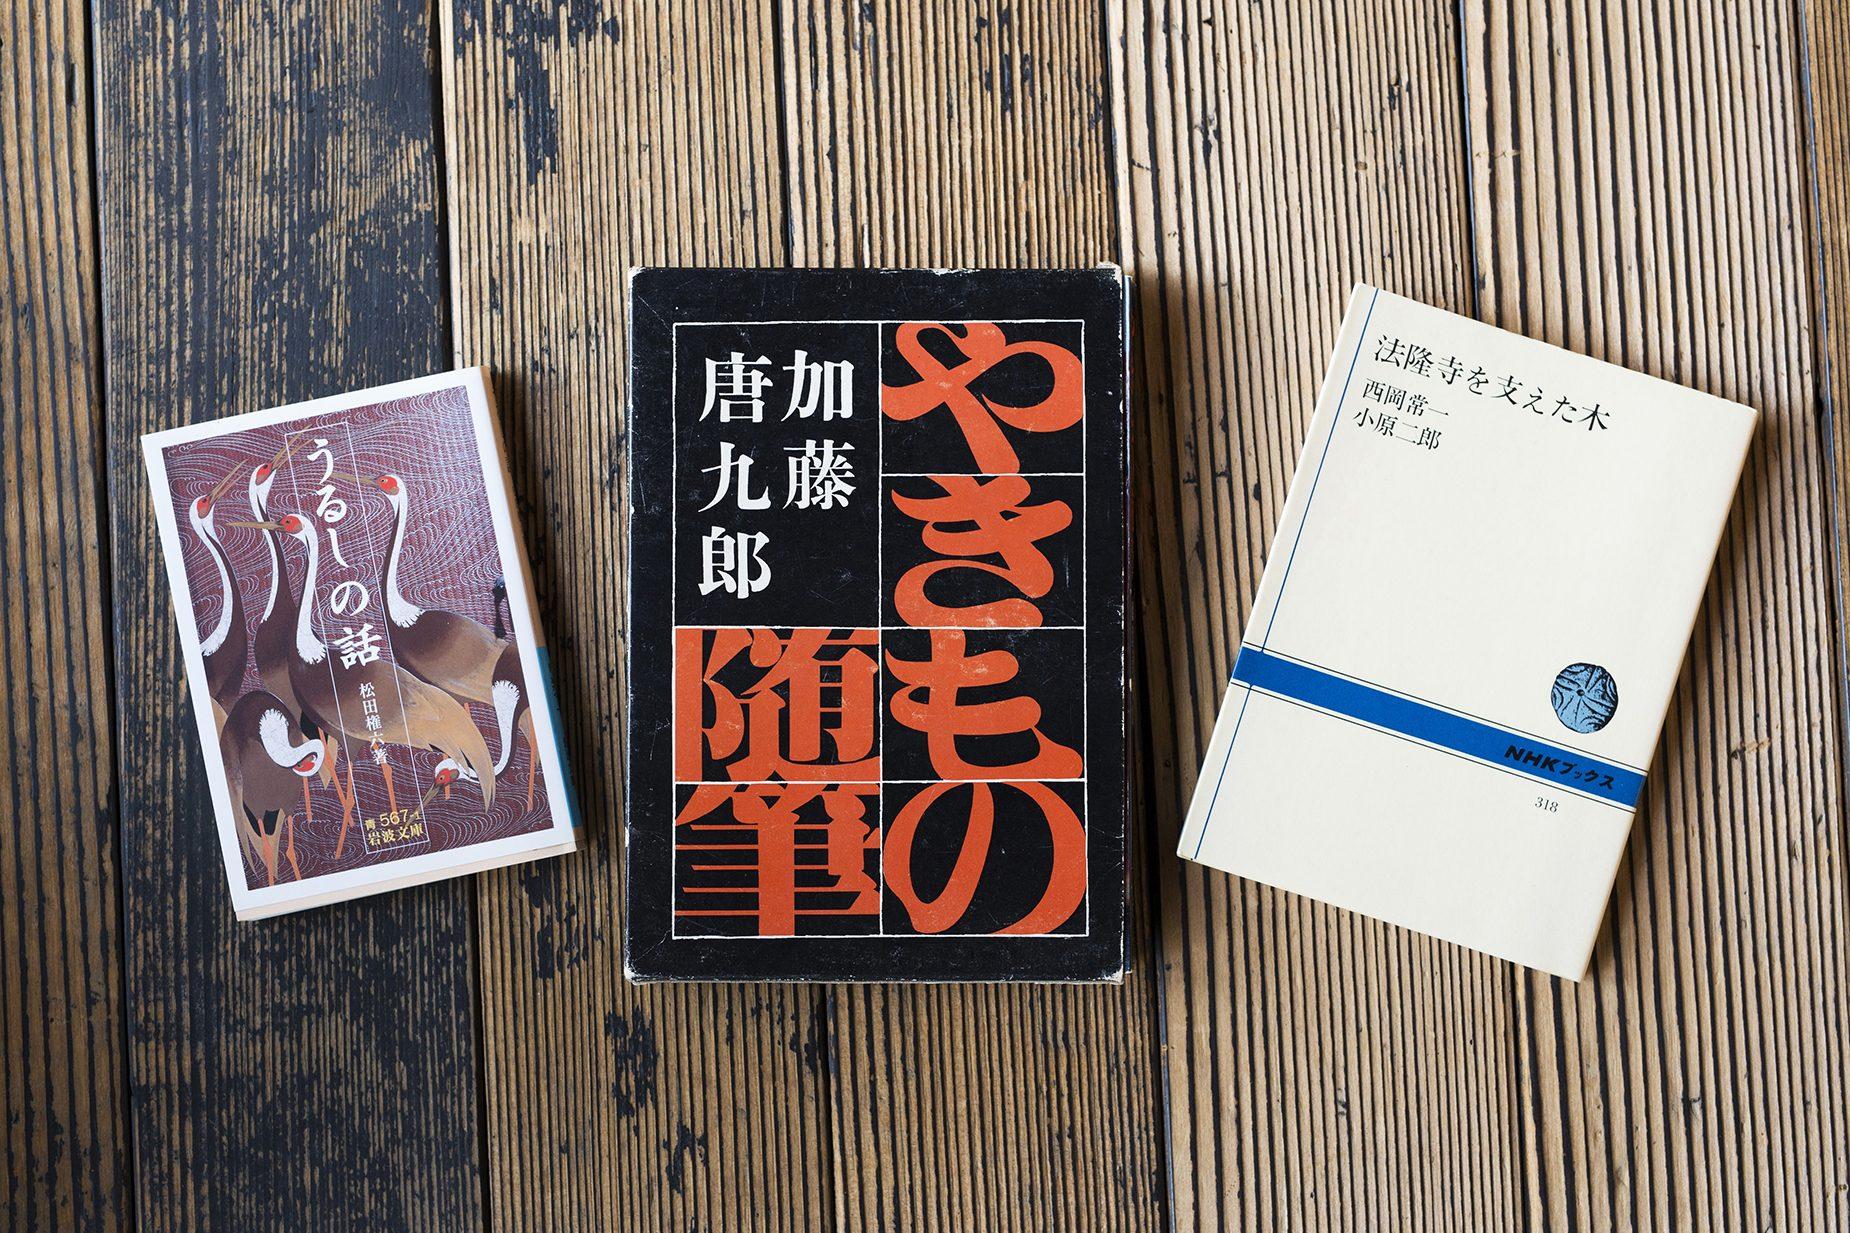 180309_yoneharabook_02